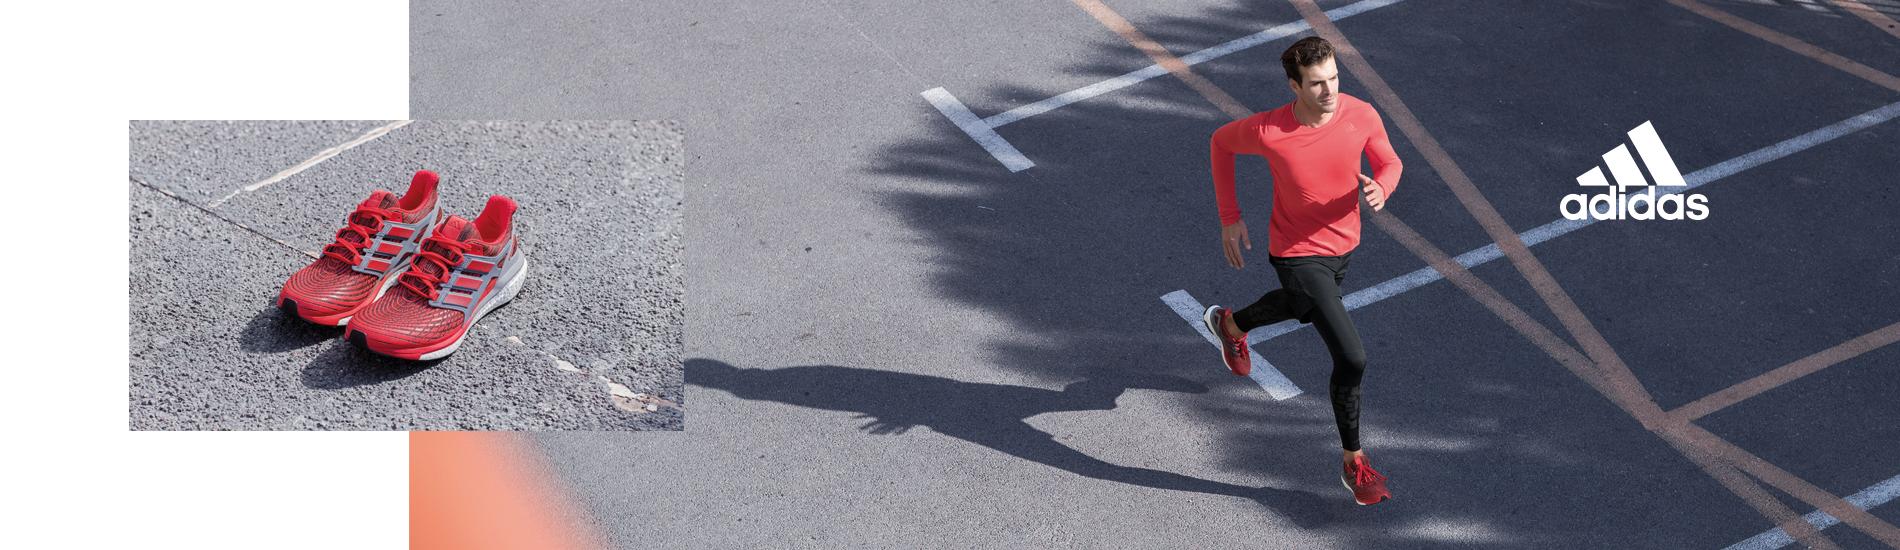 adidas Herren Supernova Tokyo Longsleeve Sport & Freizeit